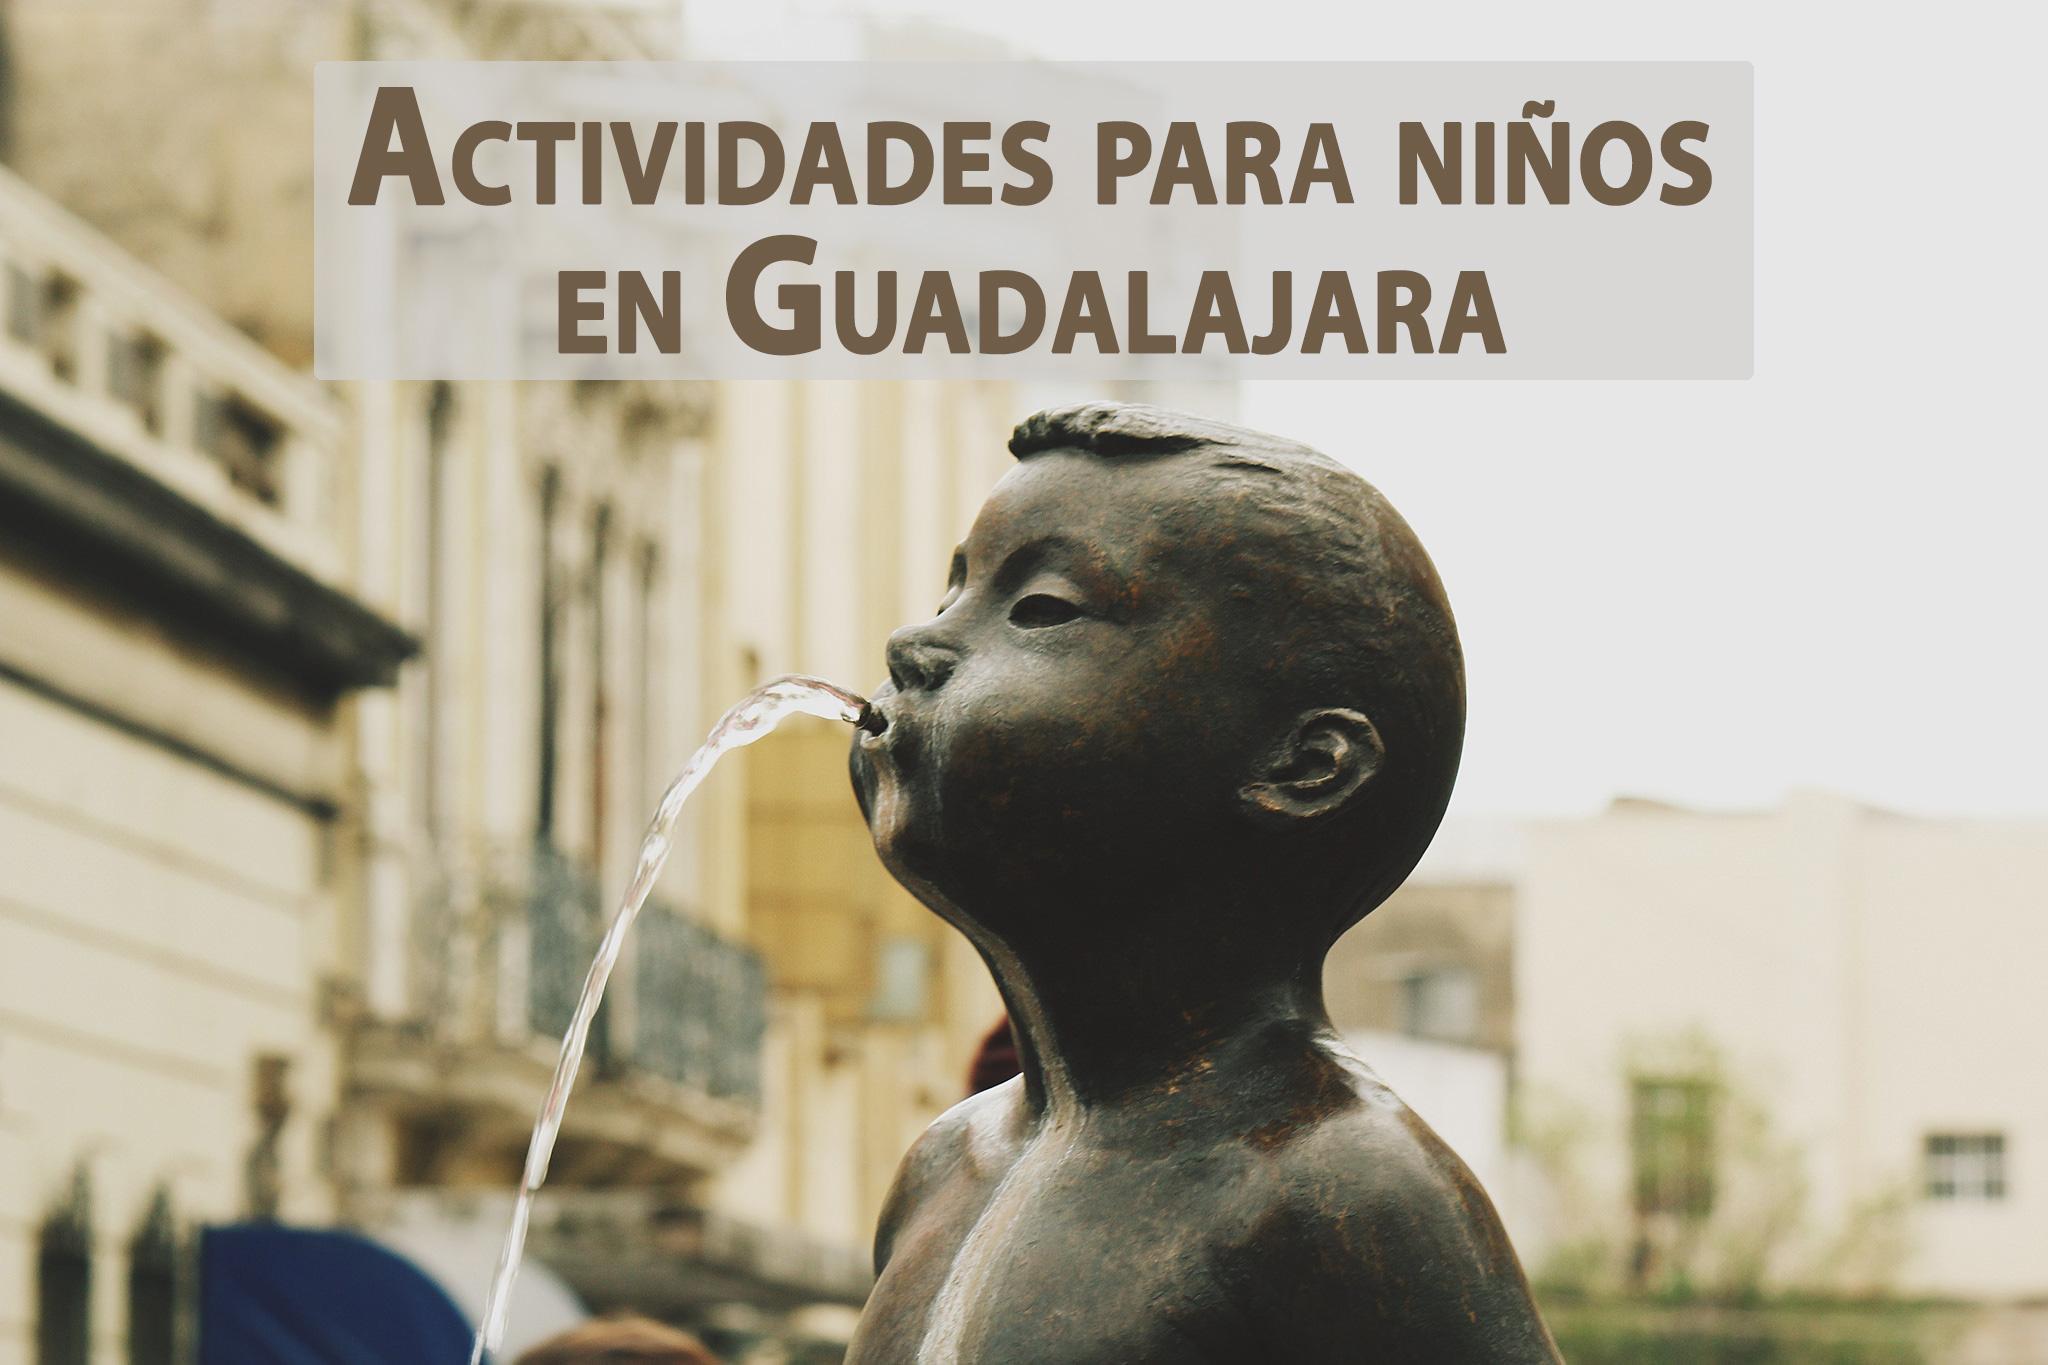 Actividades para niños en Guadalajara, México  Coyotitos